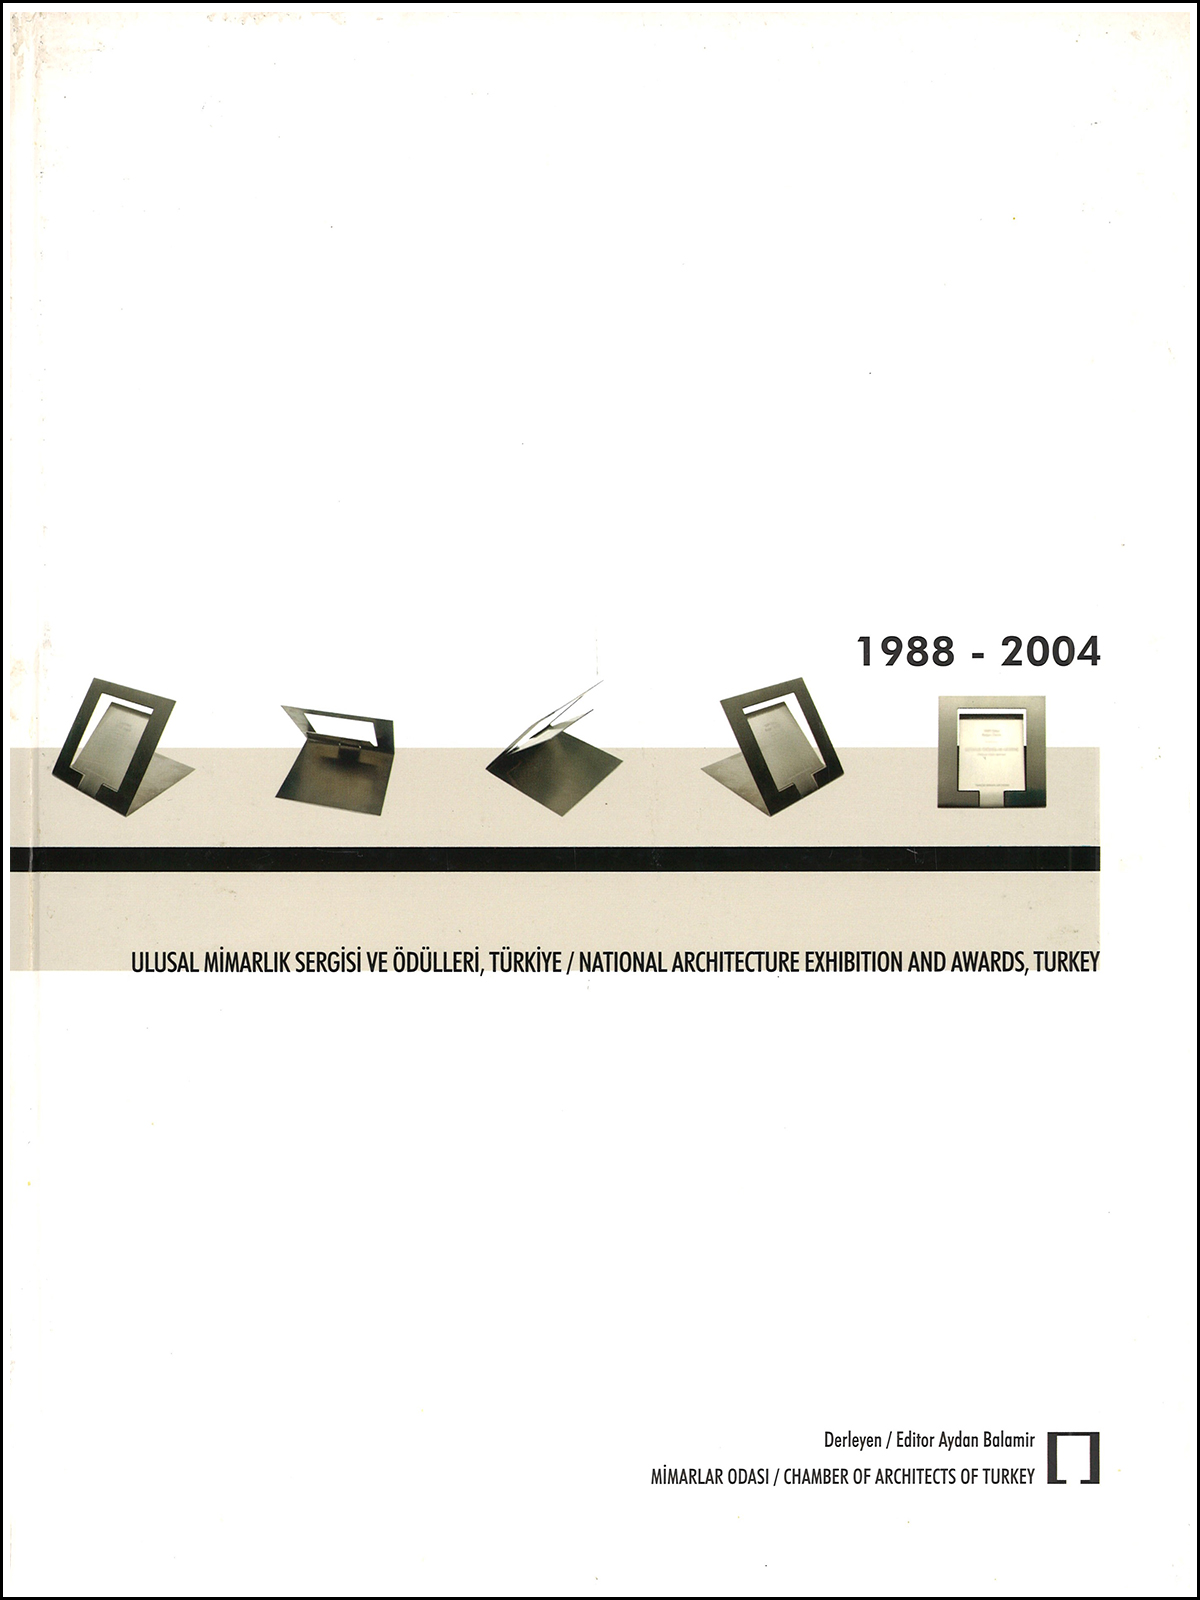 1988-2004 Ulusal Mimarlık Sergisi ve Ödülleri